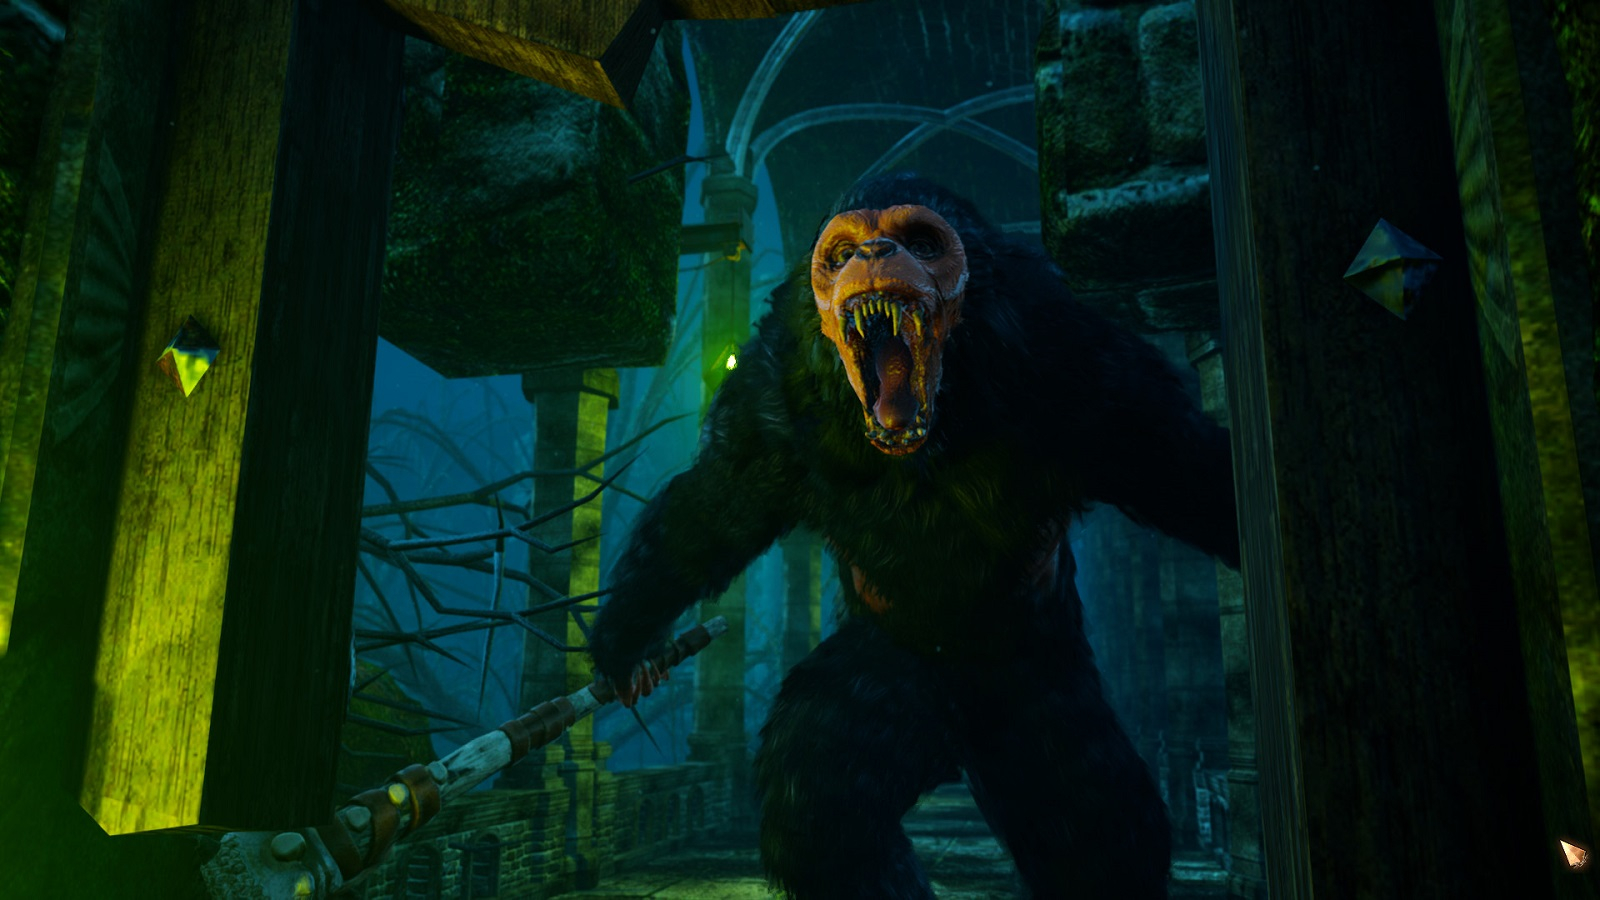 Слешер-платформер Demon Skin доберётся до консолей в сентябре и получит бесплатную сюжетную главу